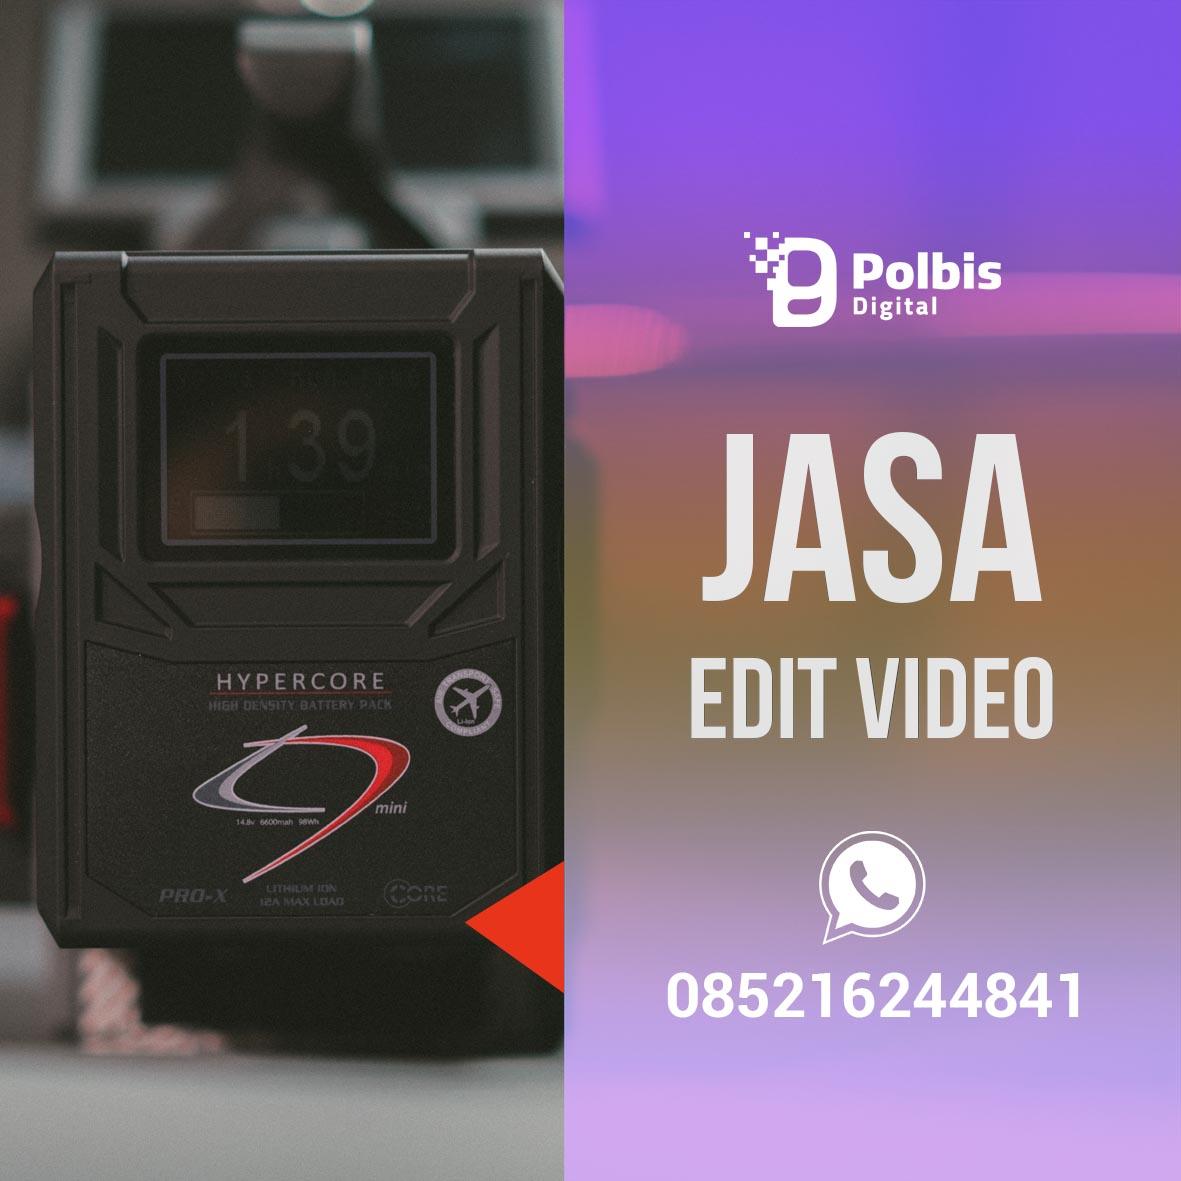 JASA EDIT VIDEO MURAH DAN BERKUALITAS DI DENPASAR